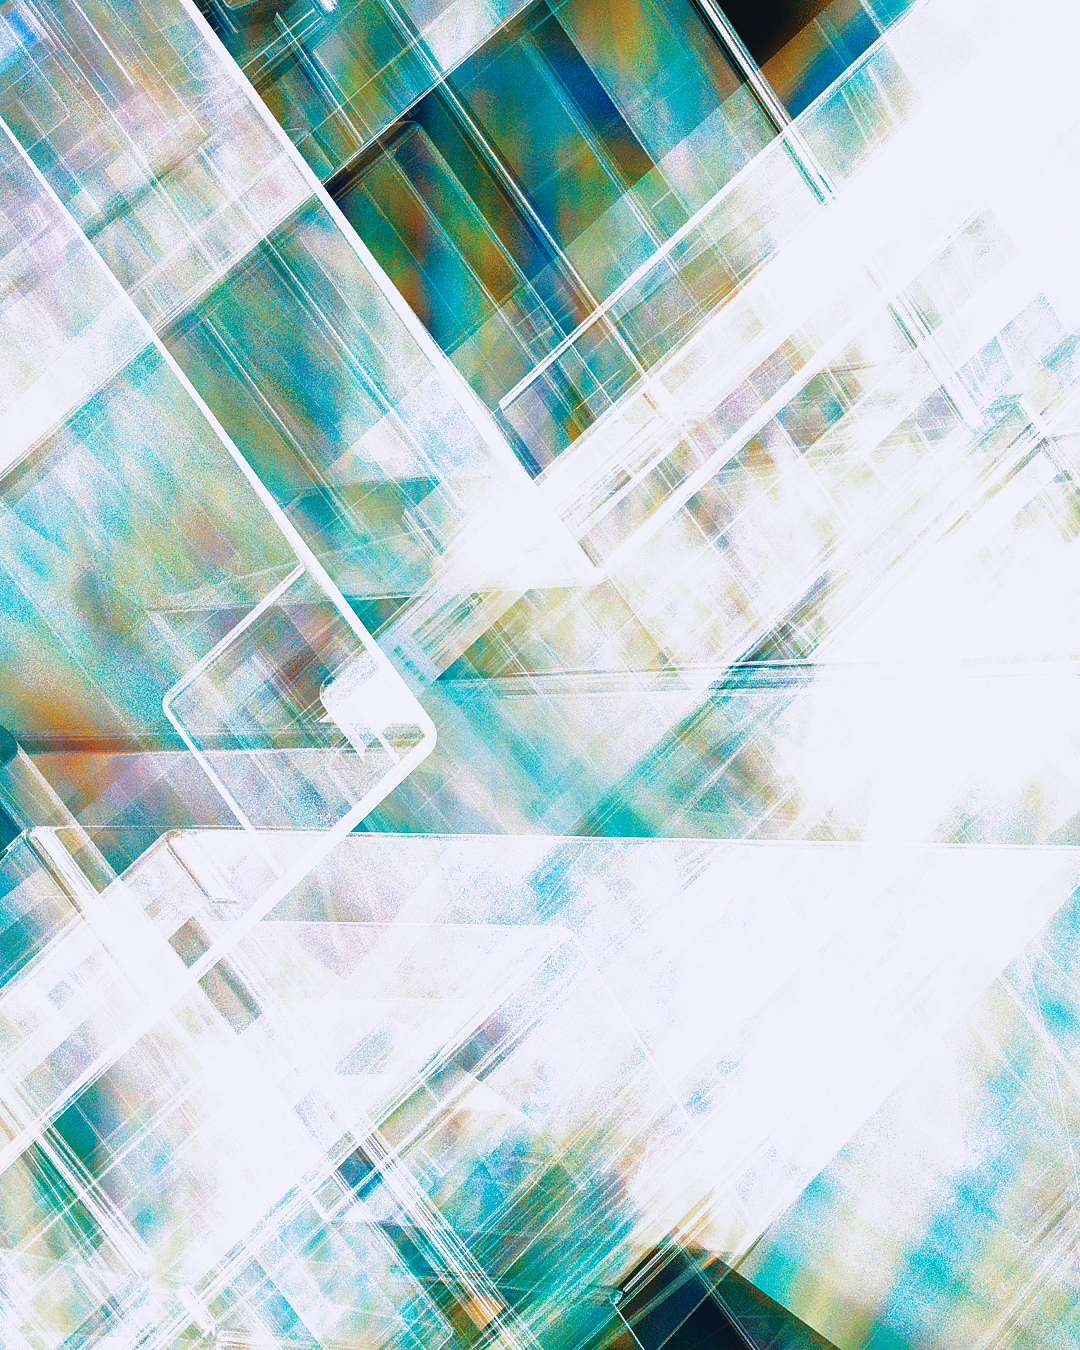 [20-03-17] - Blur.jpg